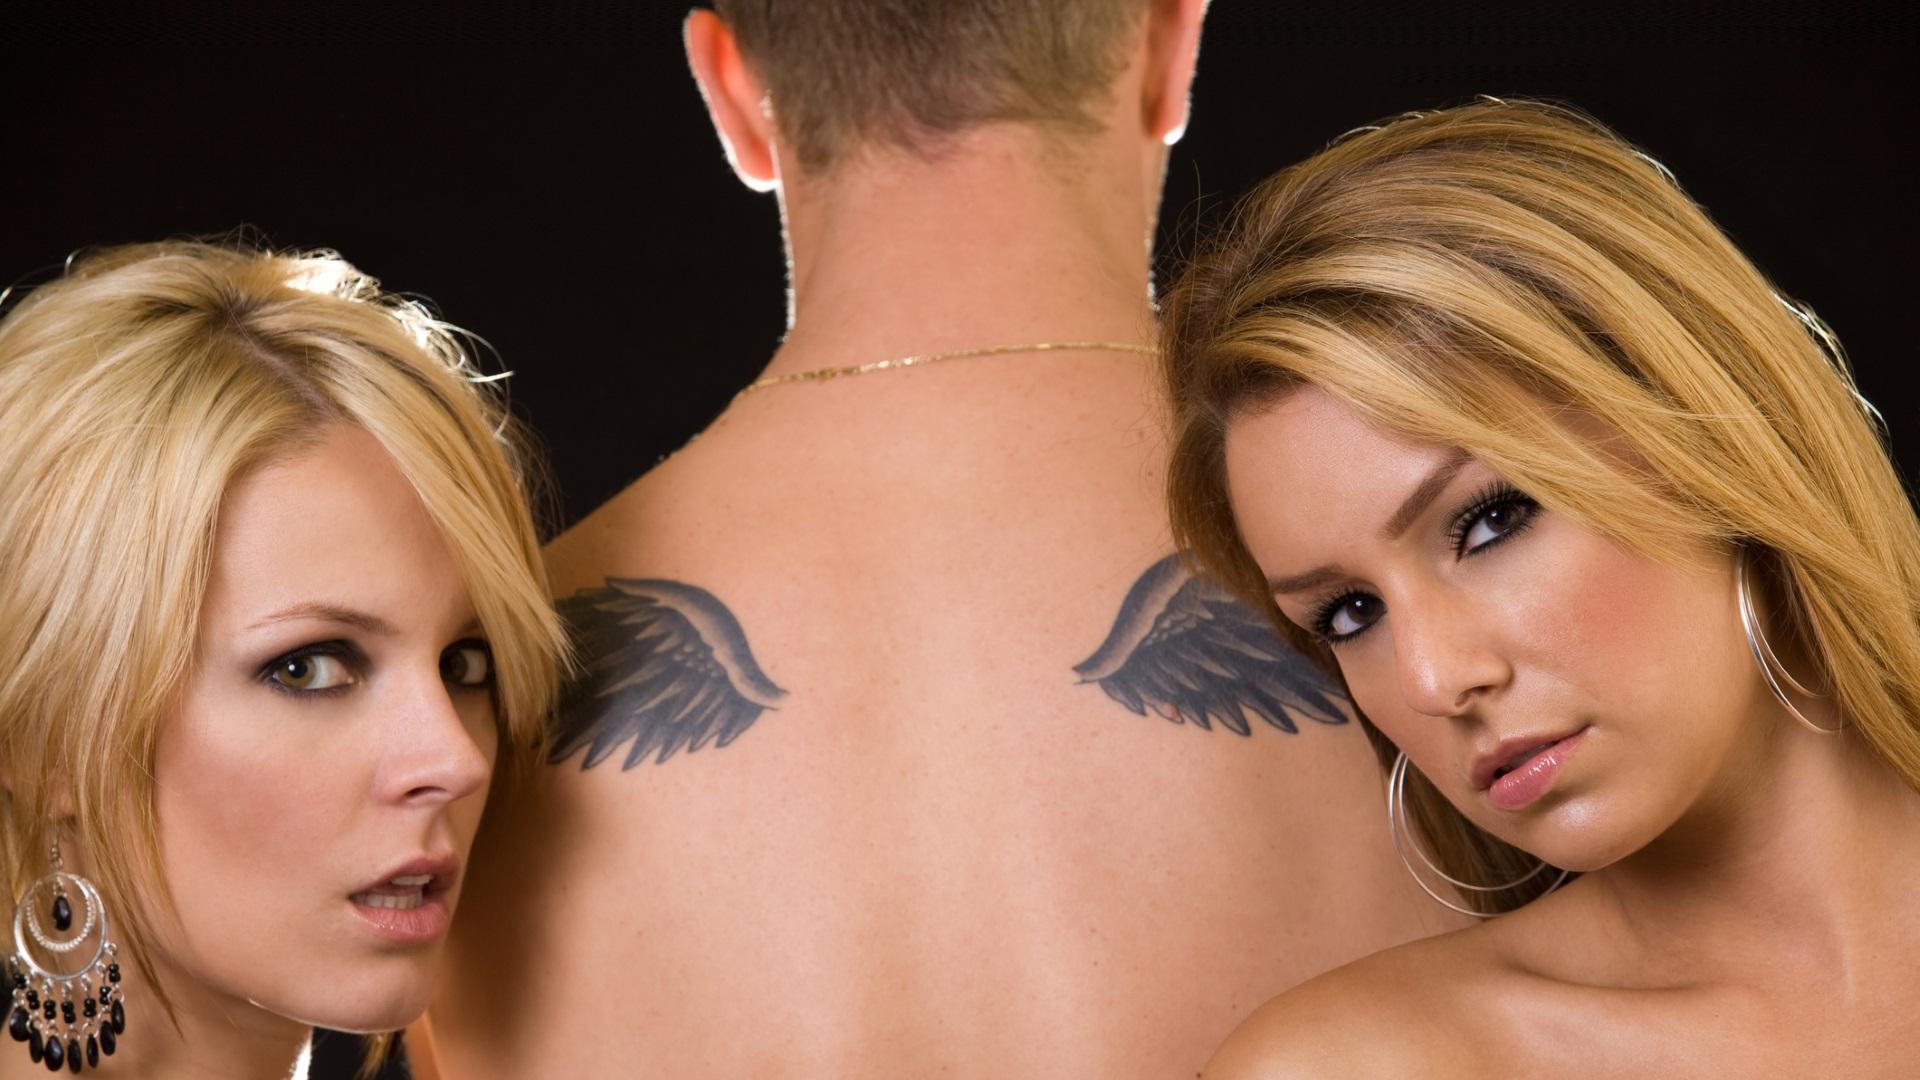 Каква е връзката между татуировките и секса